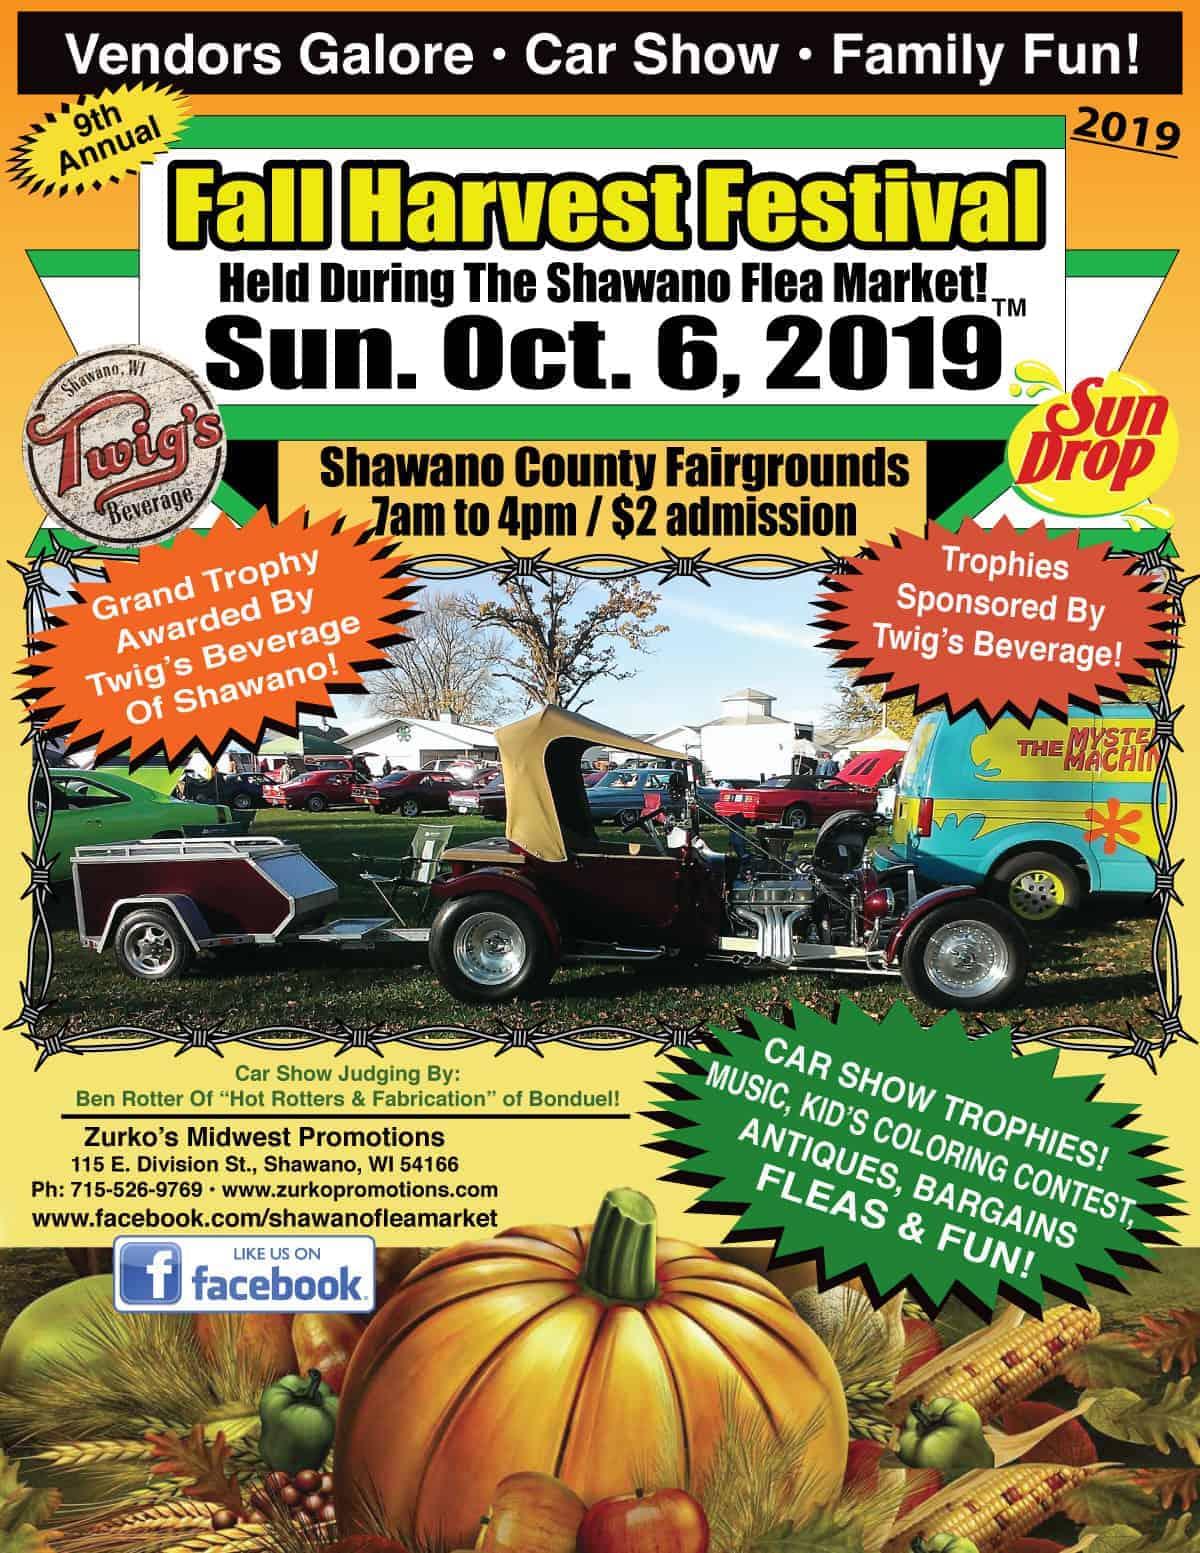 Shawano Wisconsin Flea Market Car Show